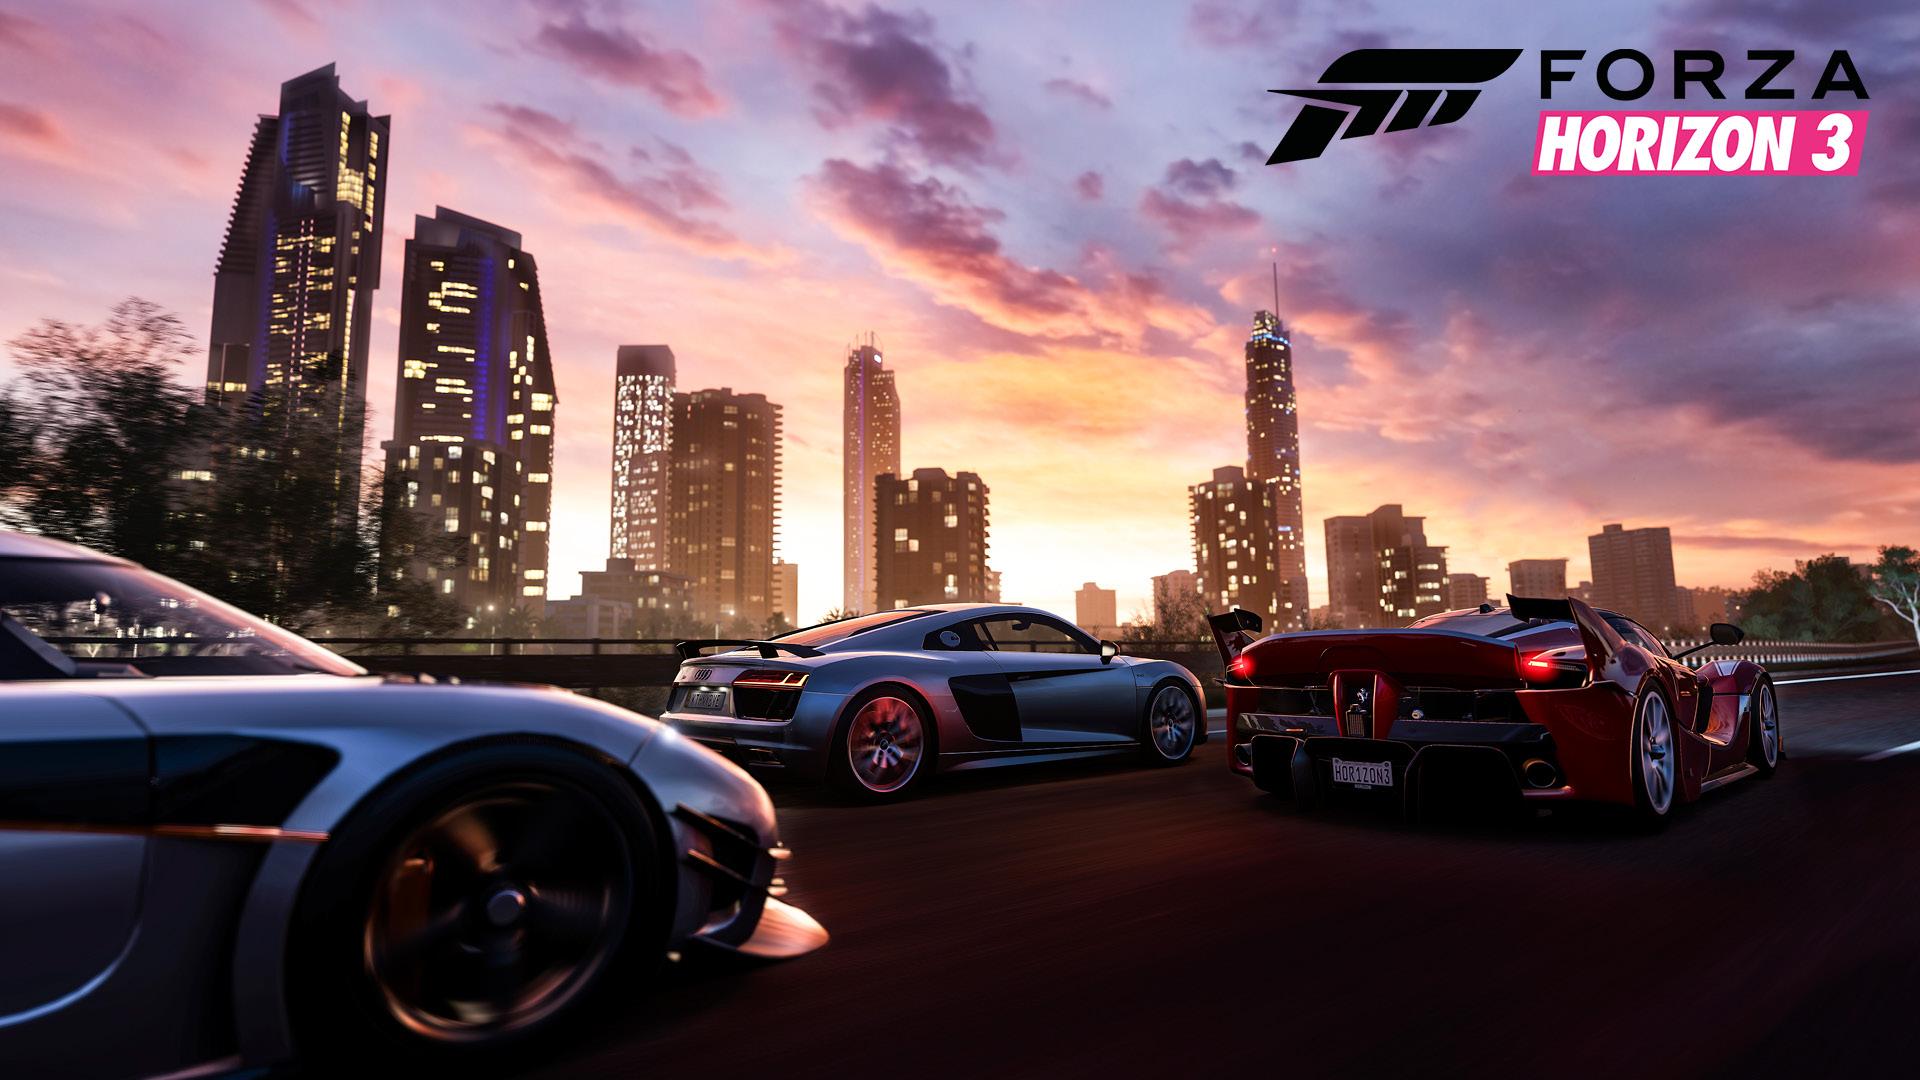 Fondos De Forza Horizon 3 Wallpapers